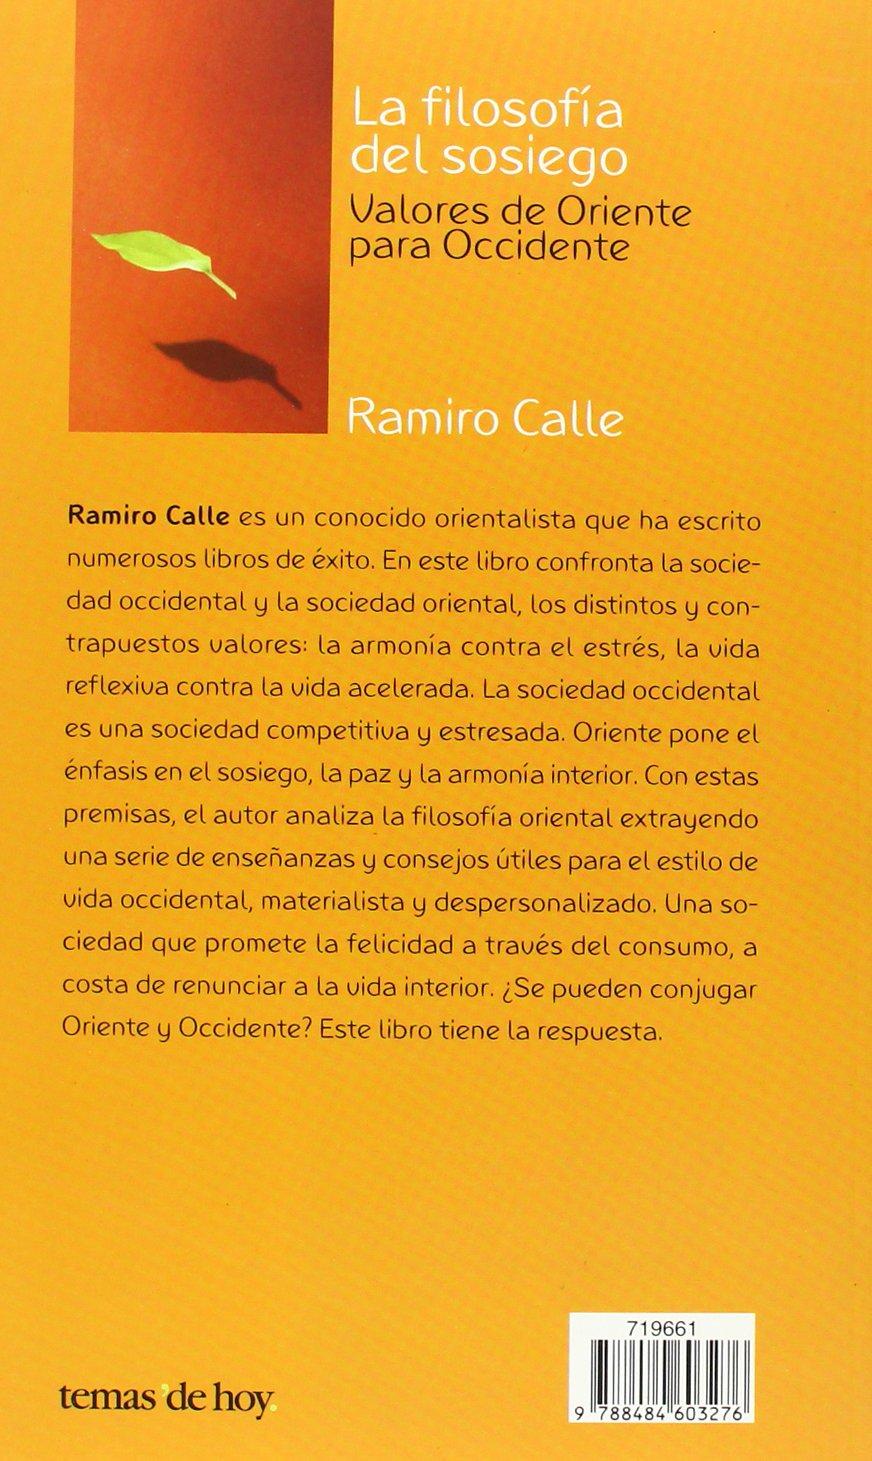 La filosofía del sosiego (Fuera de Colección): Amazon.es: Ramiro A. Calle: Libros